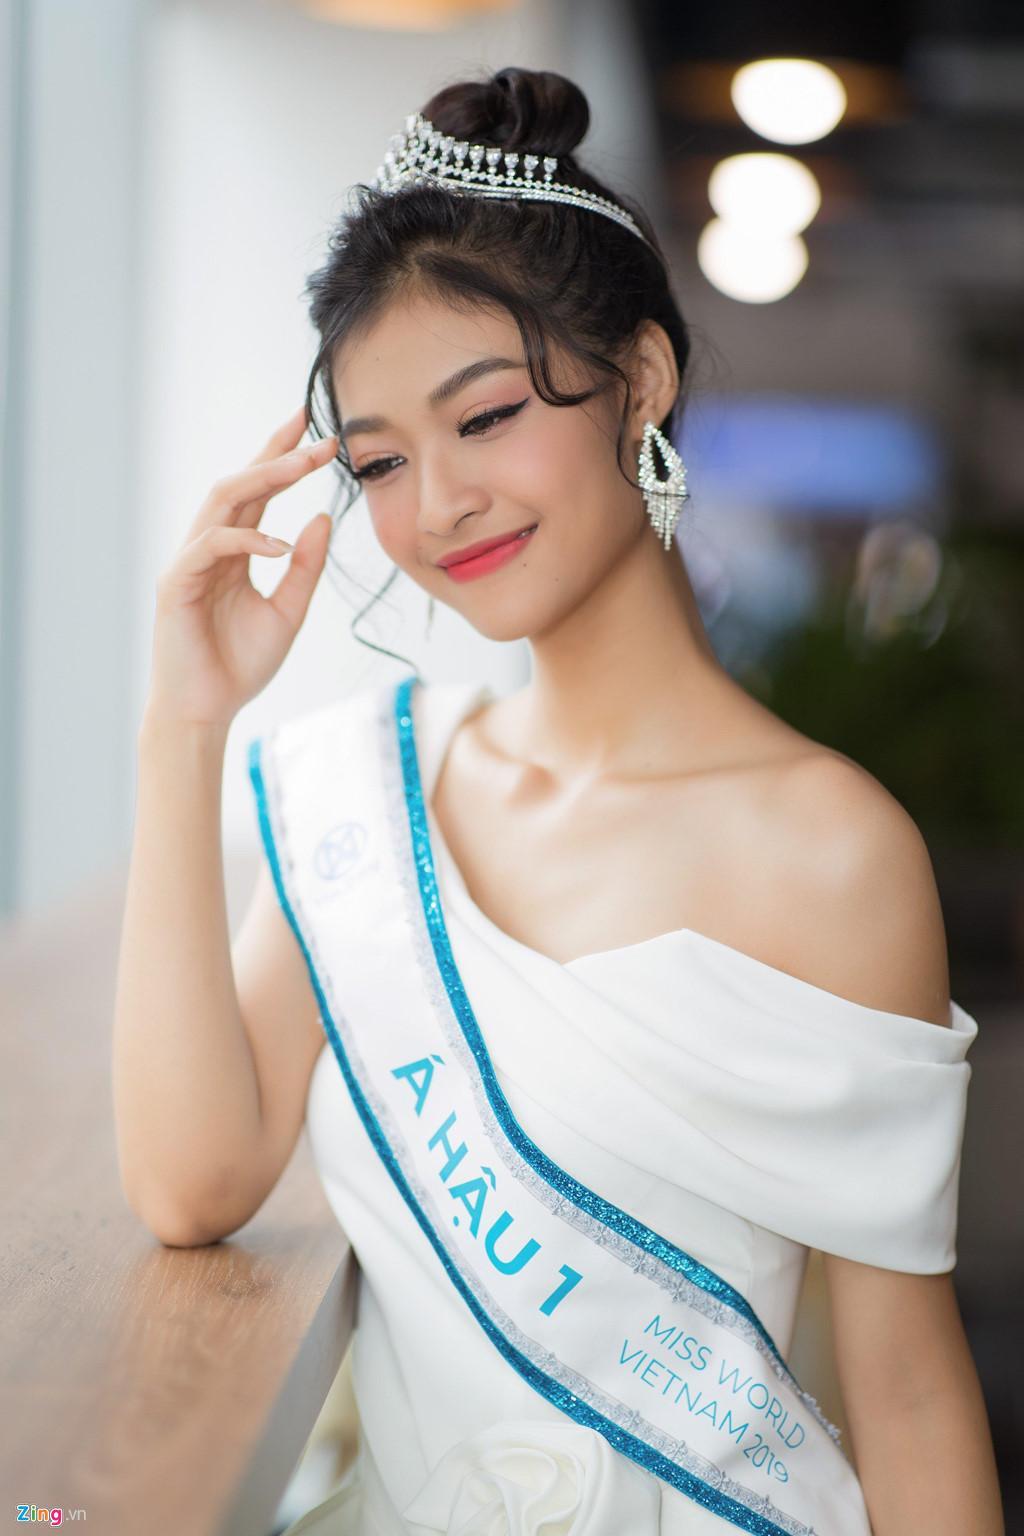 Á hậu Kiều Loan thấy thú vị khi giống diễn viên hài Mạc Văn Khoa - Phỏng  vấn sao - Việt Giải Trí